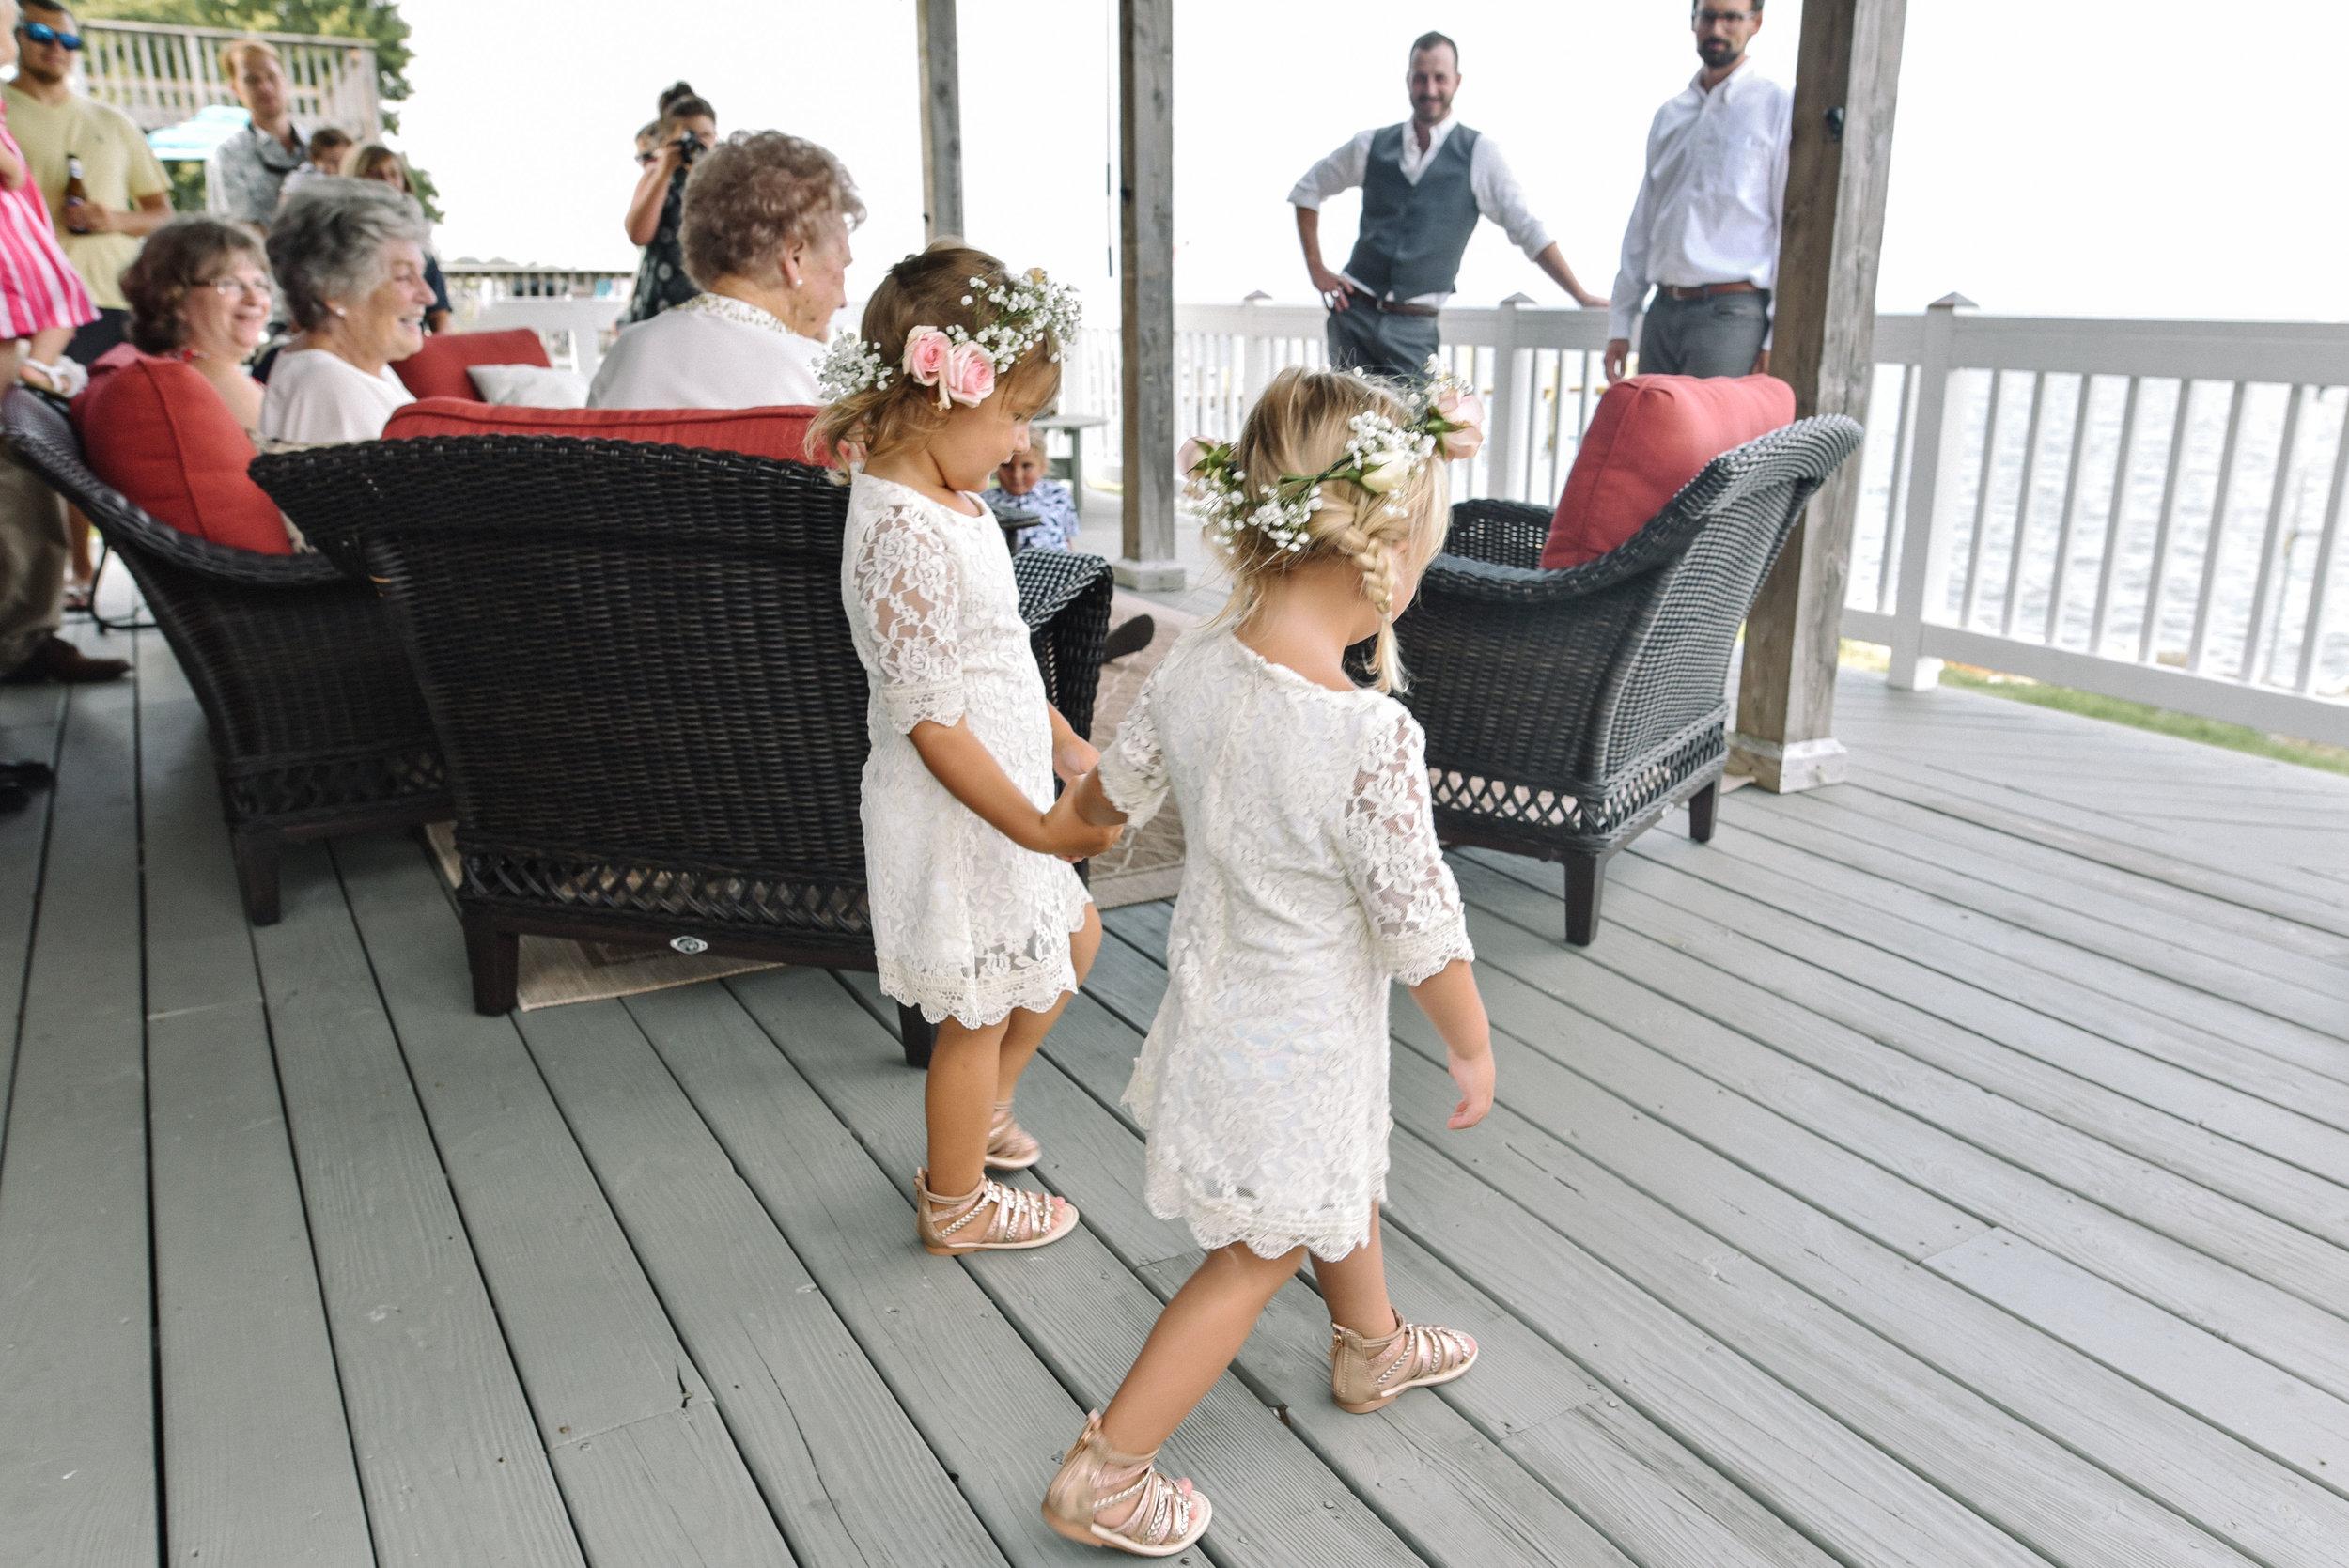 chesapeake_beach_backyard_wedding-36.jpg